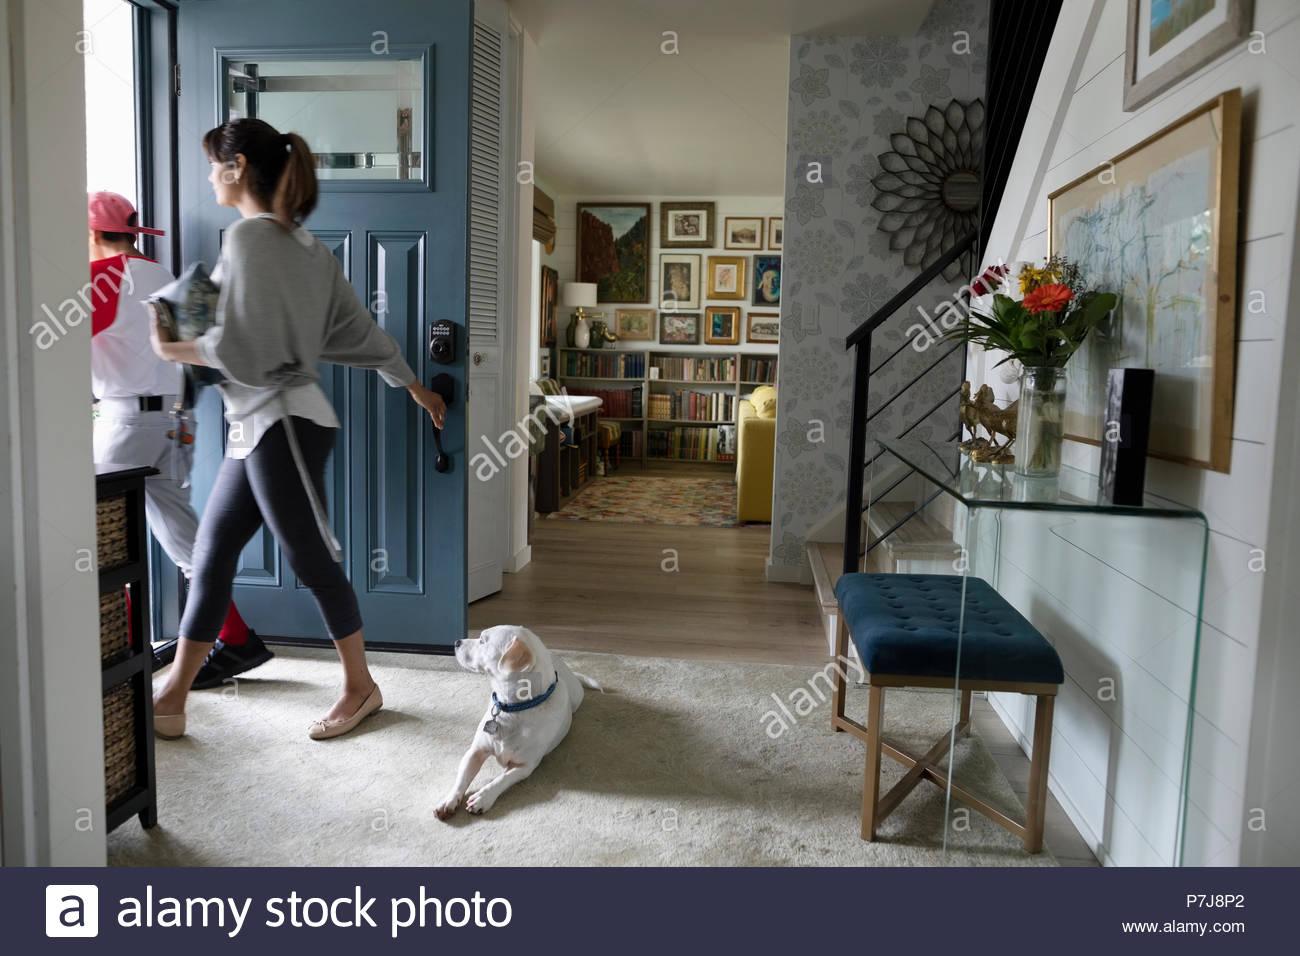 Cane guarda la madre e il figlio di lasciare per la pratica di baseball a sportello anteriore Immagini Stock